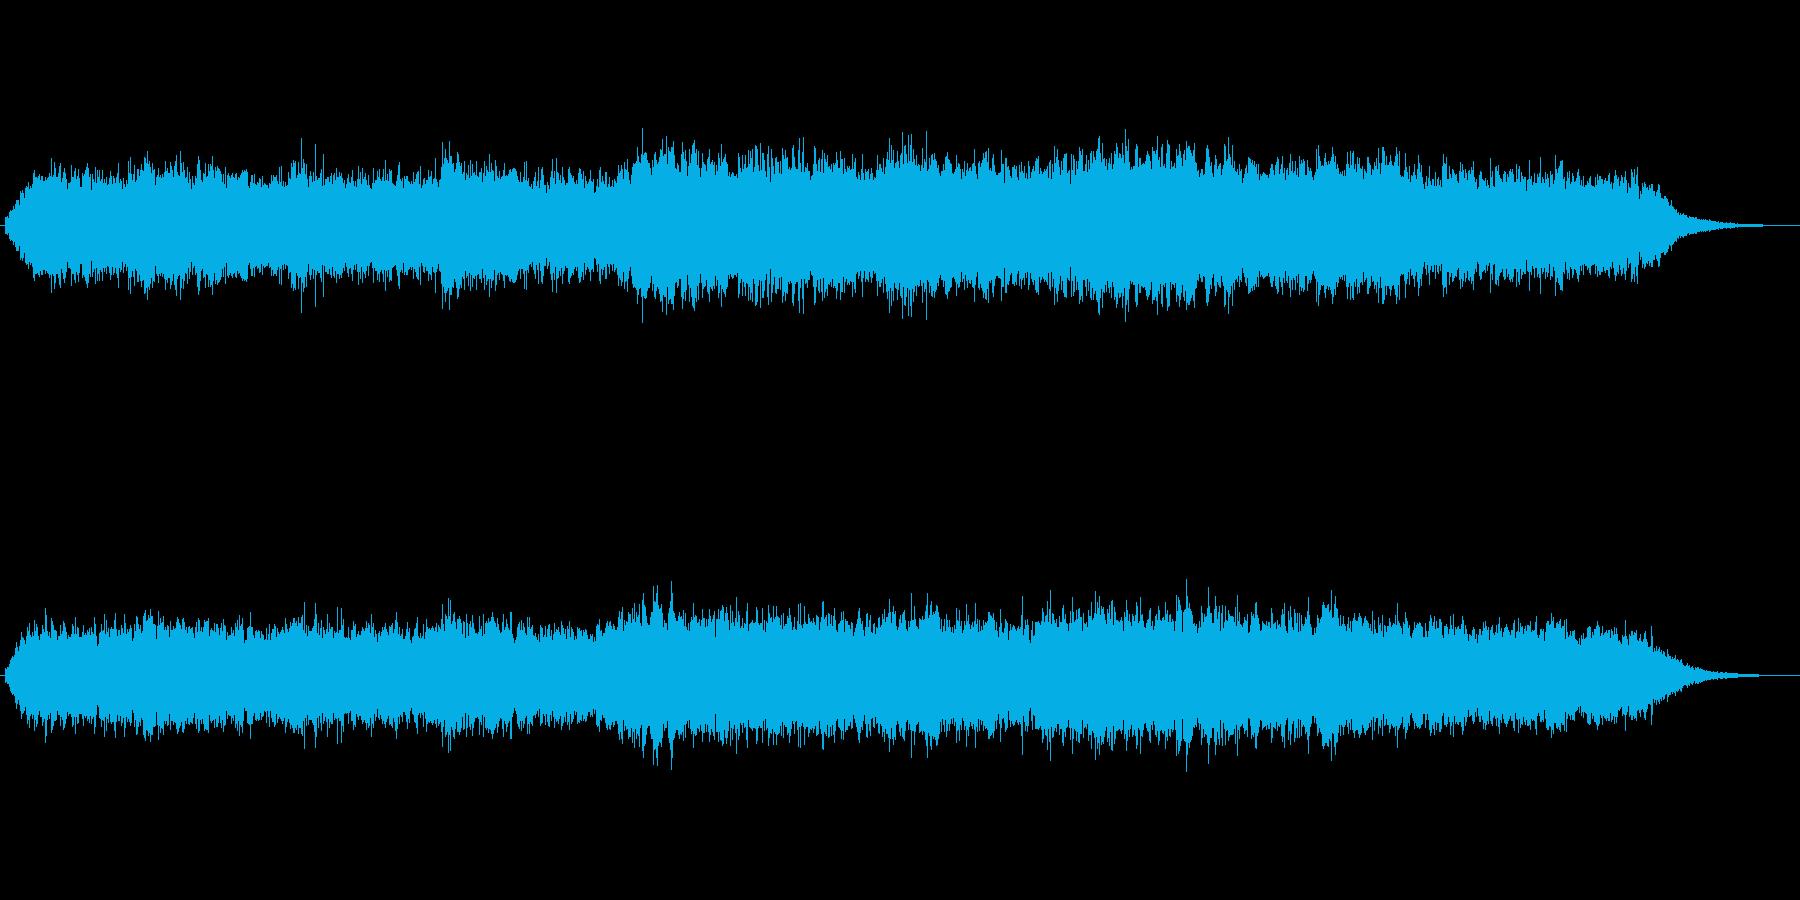 シンセパッドによる幻想的なジングル4の再生済みの波形